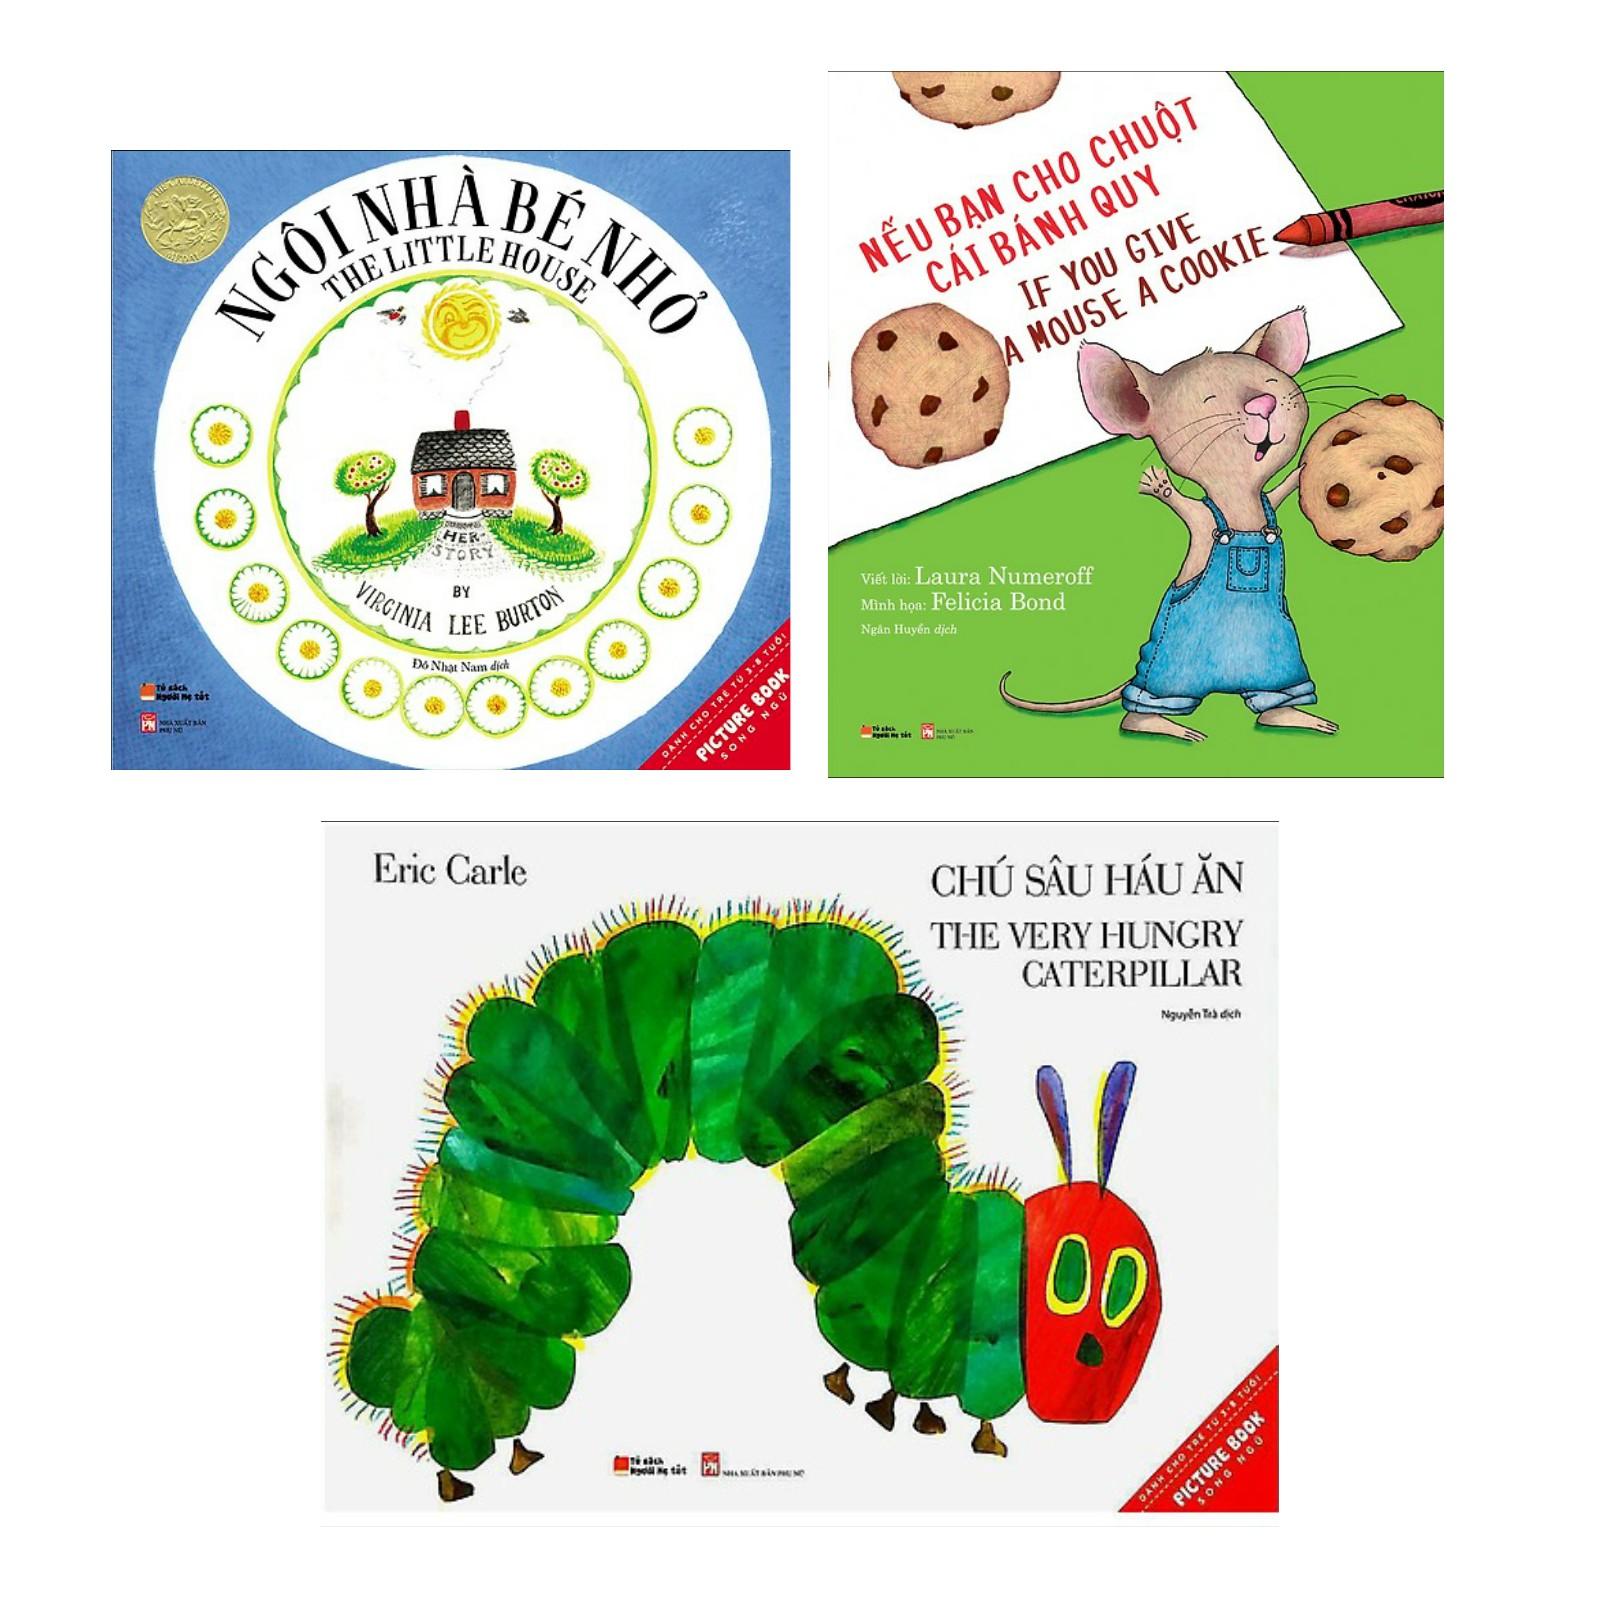 Combo 3 cuốn picture book song ngữ: Ngôi Nhà Bé Nhỏ - The Little House +  Nếu Bạn Cho Chuột Cái Bánh Quy (If You Give A Mouse A Cookie) + Chú Sâu Háu